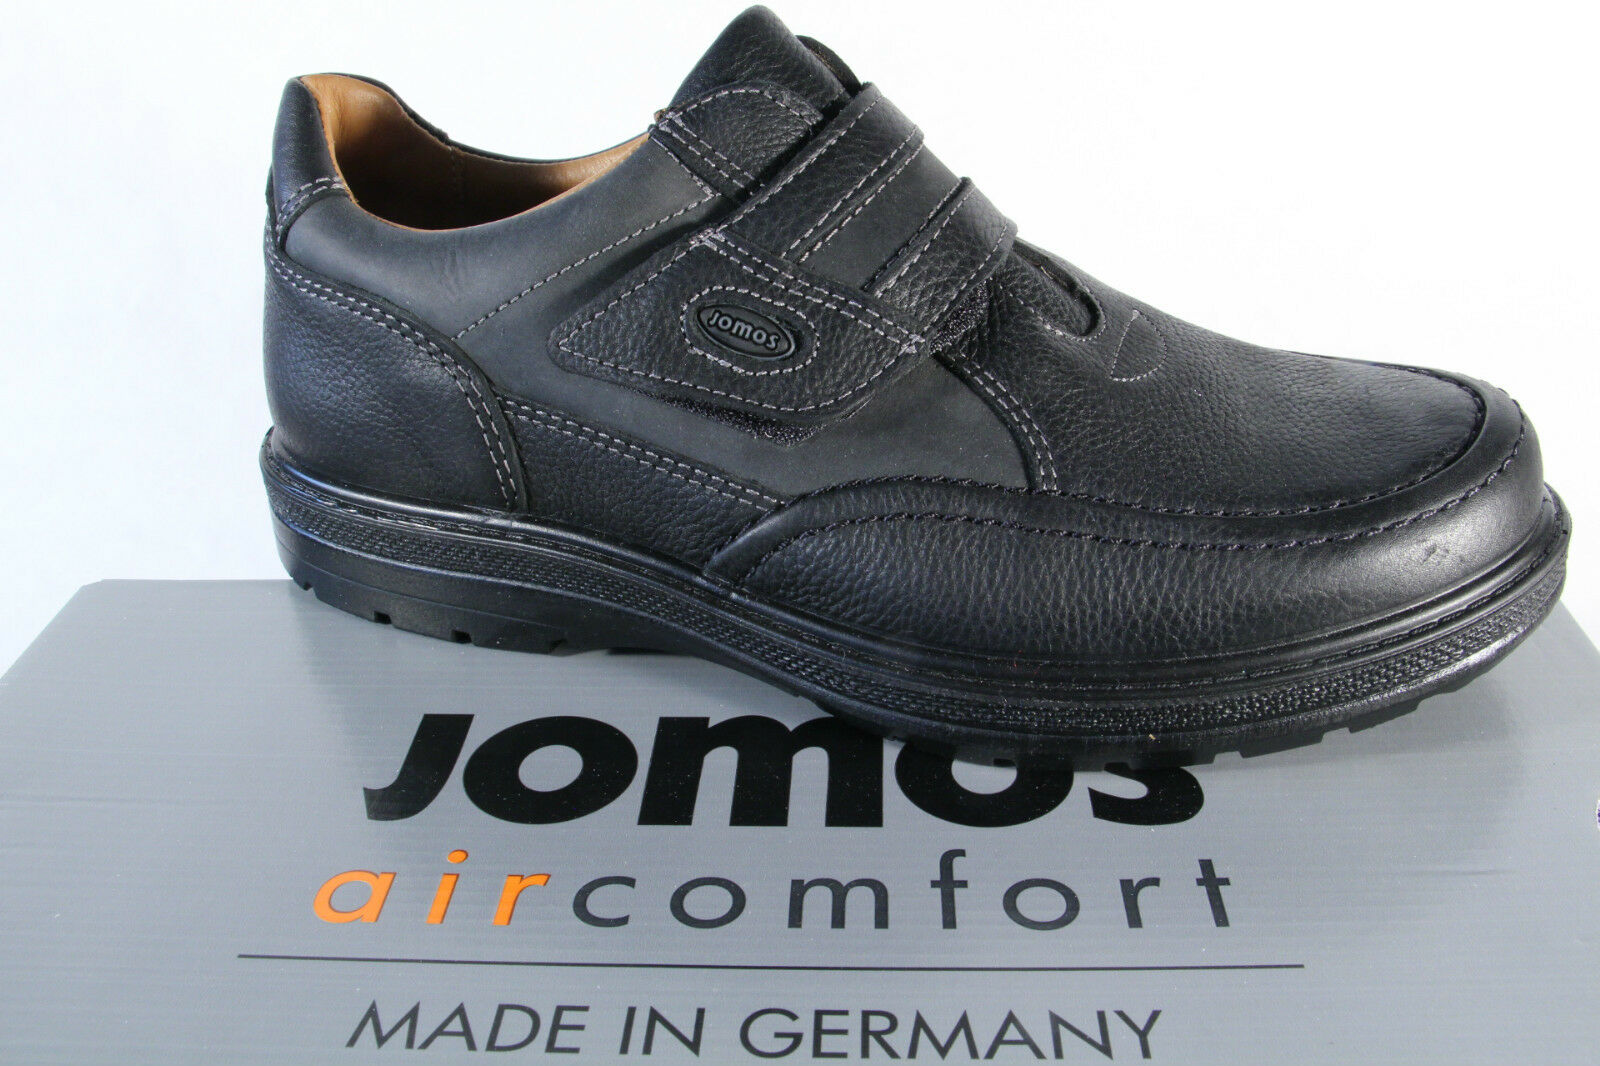 Jomos Slipper Slipper Slipper Halbschuhe schwarz Leder Wechselfußbett für Einlagen geeignet NEU 802a59